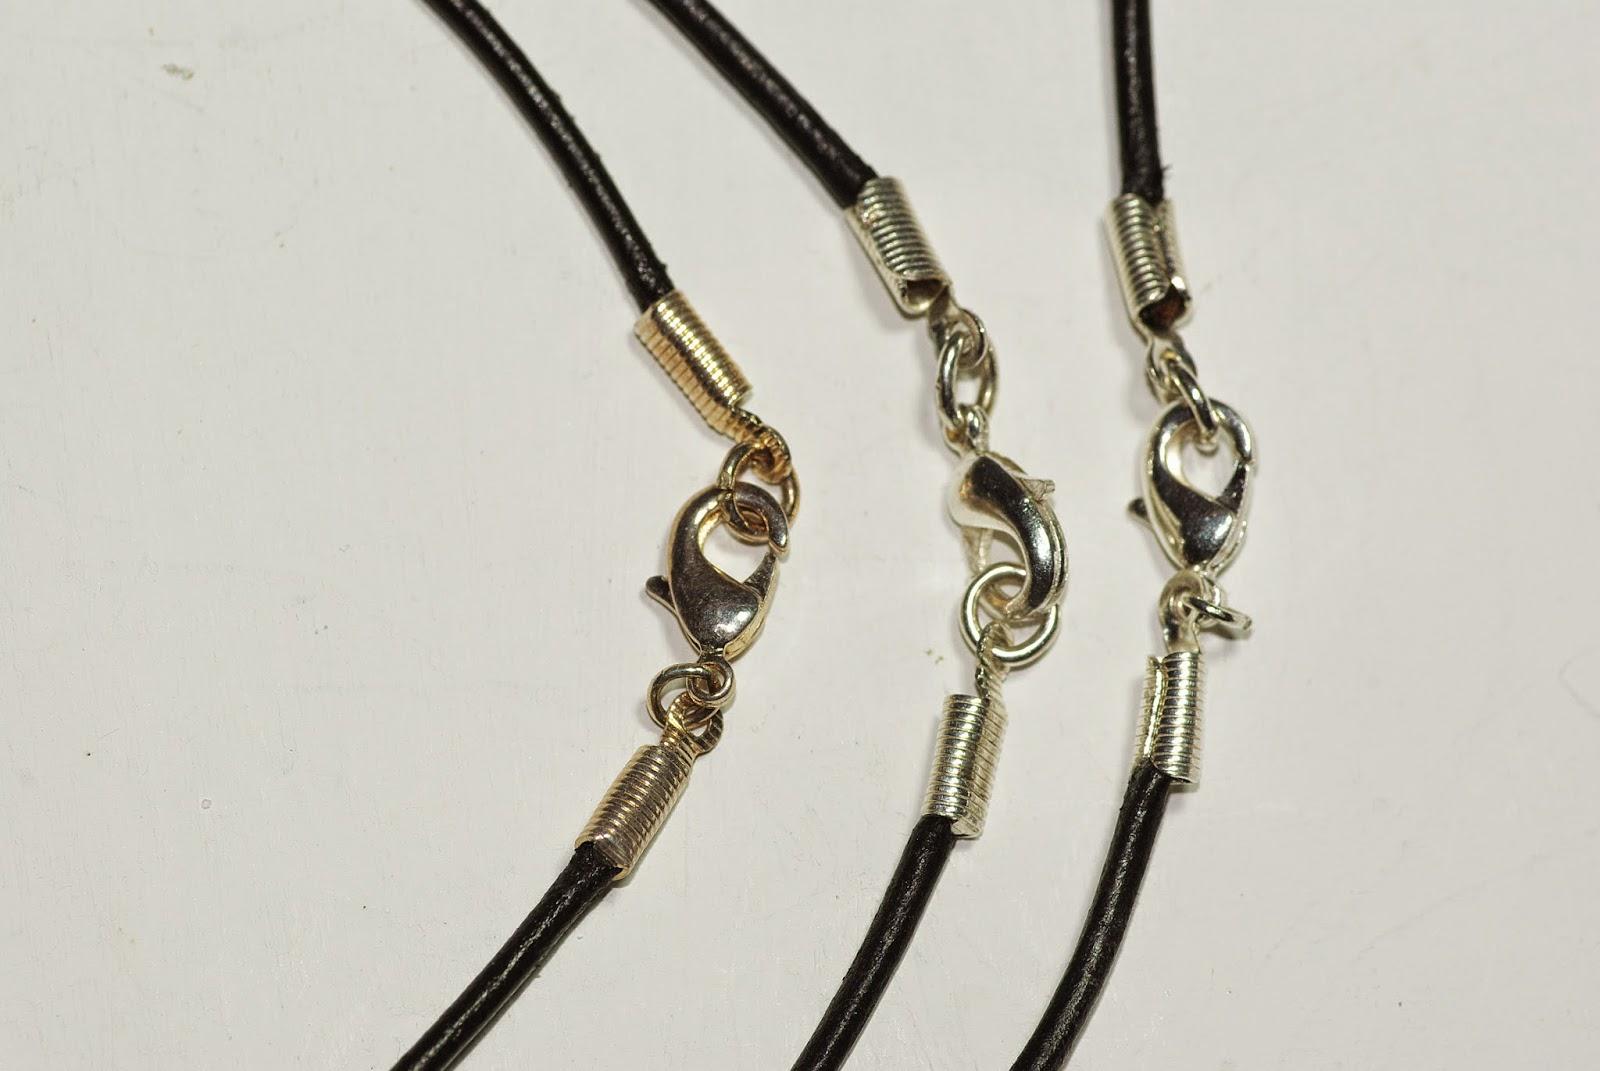 Astuce nettoyer des bijoux en argent ou plaqu s argent for Astuce pour nettoyer des bijoux en argent